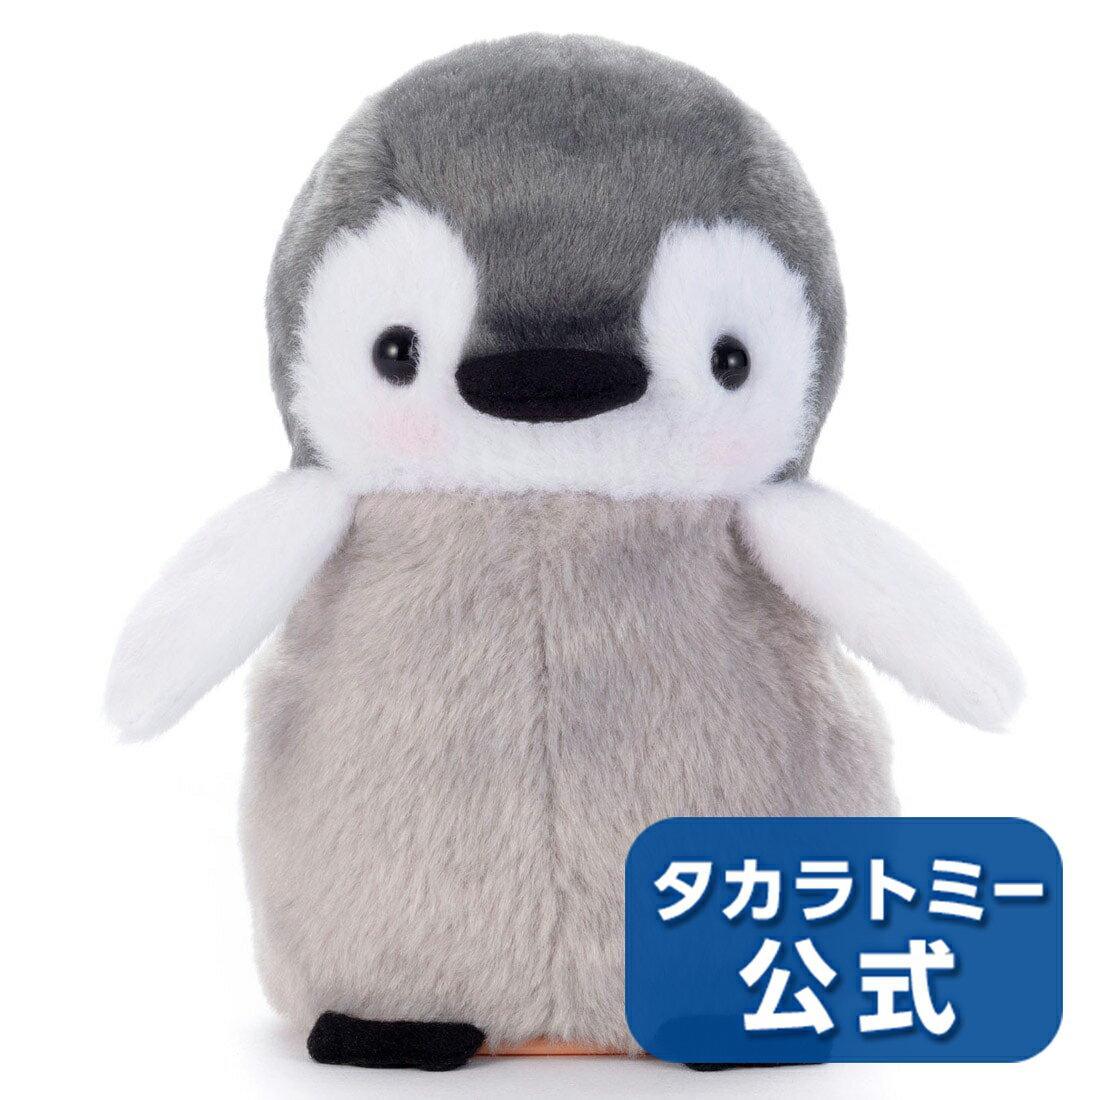 【1,000円OFFクーポン配布中!】ミミクリーペット ペンギン